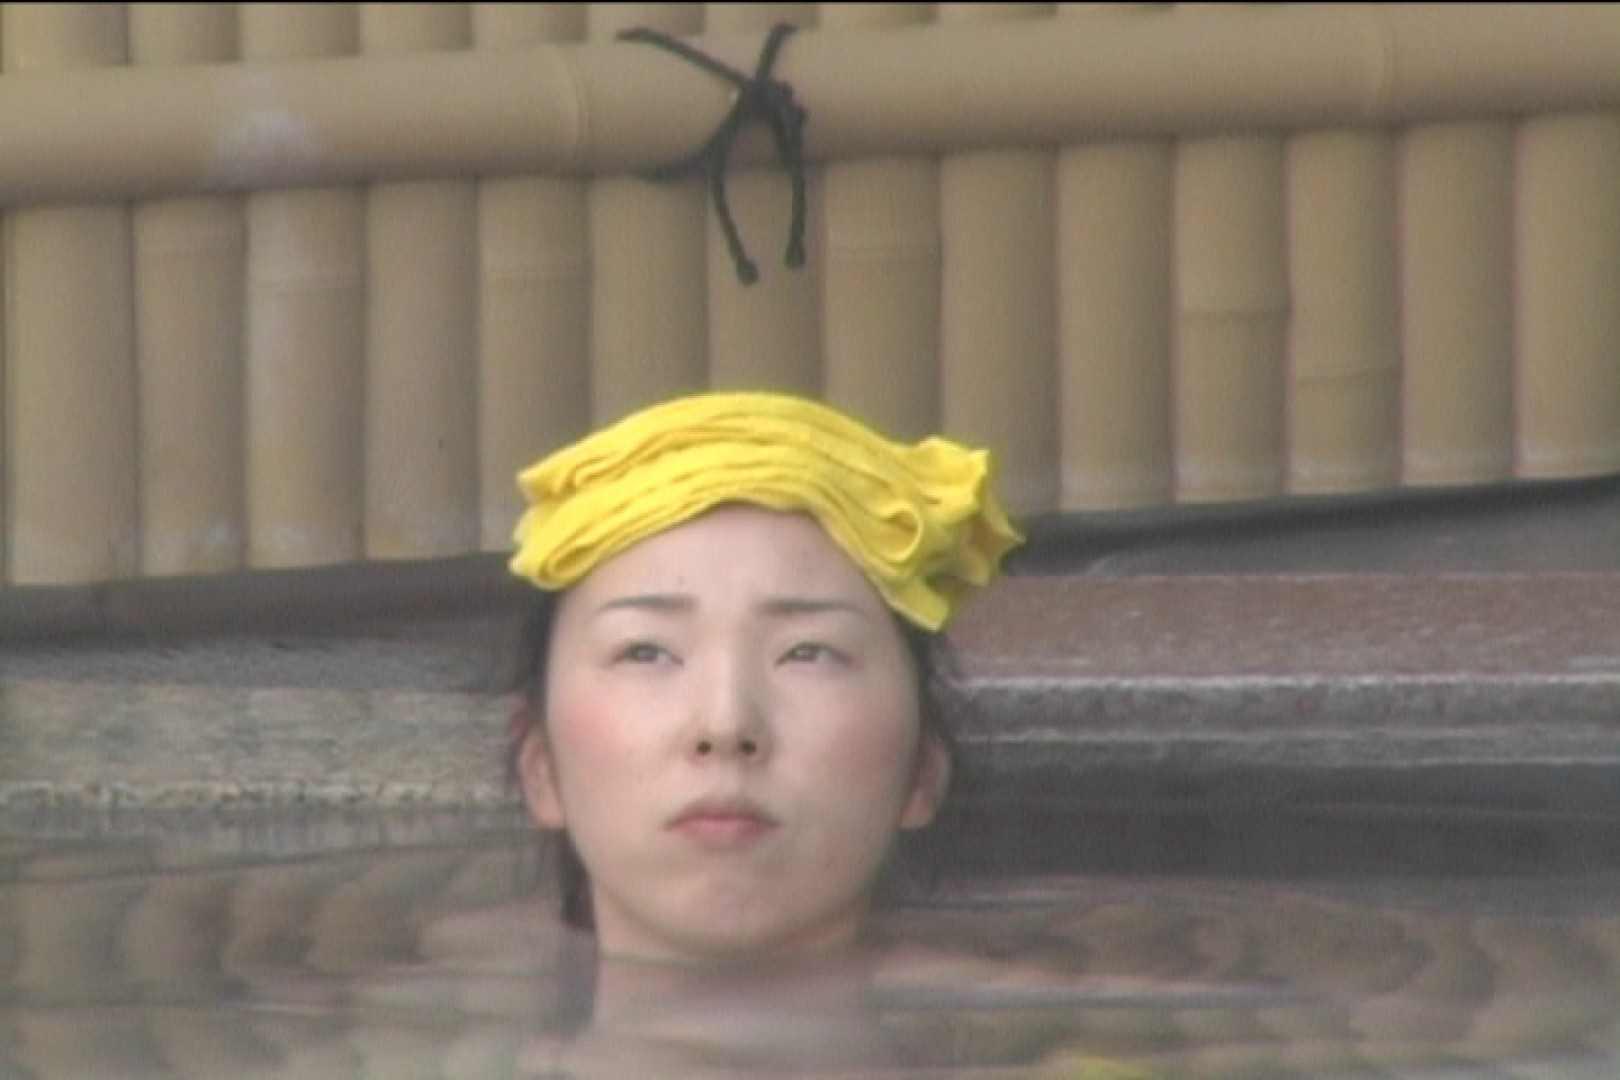 Aquaな露天風呂Vol.529 盗撮師作品 おめこ無修正画像 104pic 104